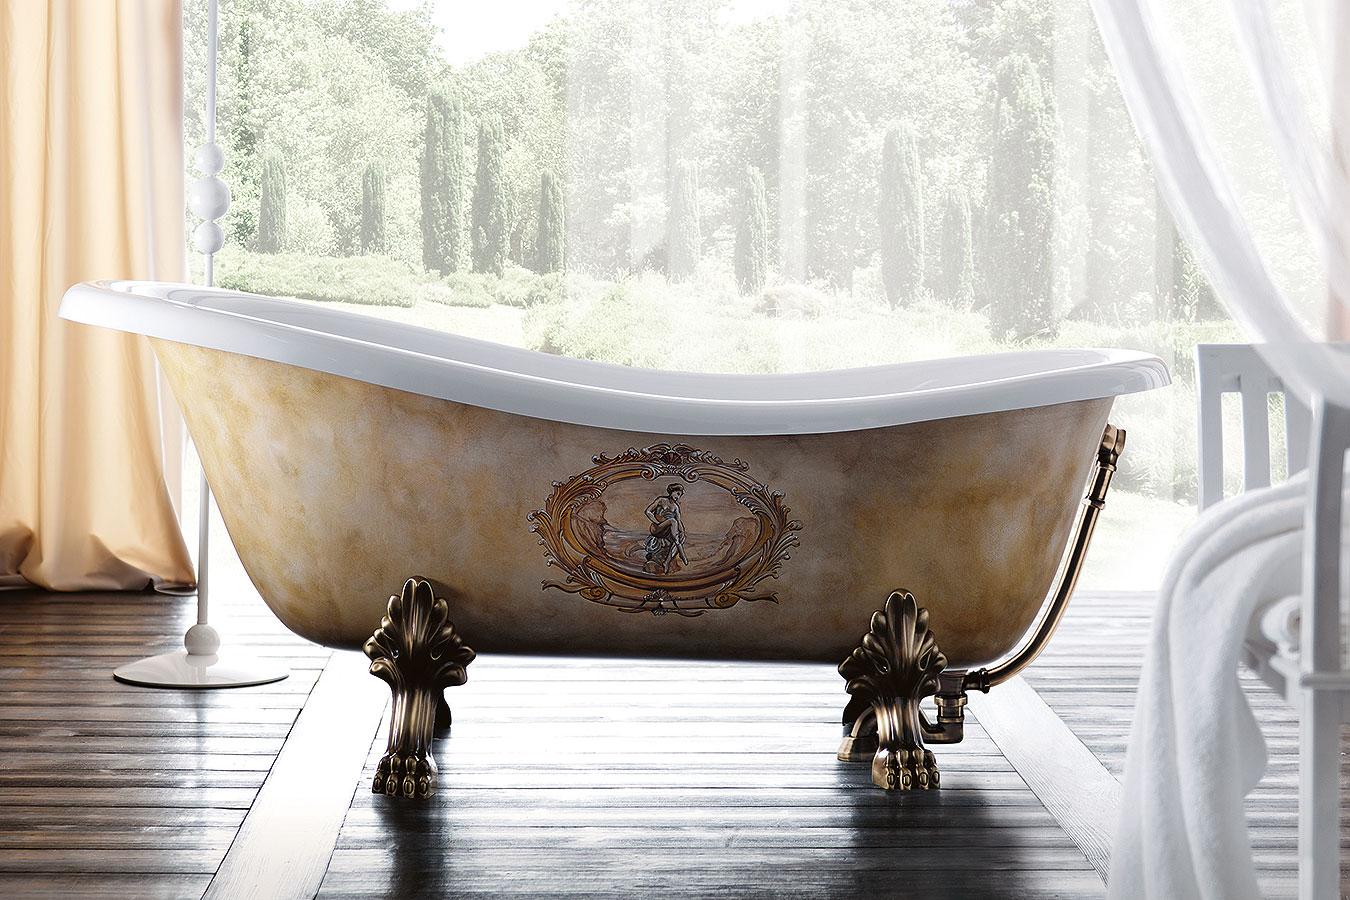 Vasca Da Bagno Incasso 170x80 : Treesse vasche e cabine di qualità scopri i modelli da euroedil